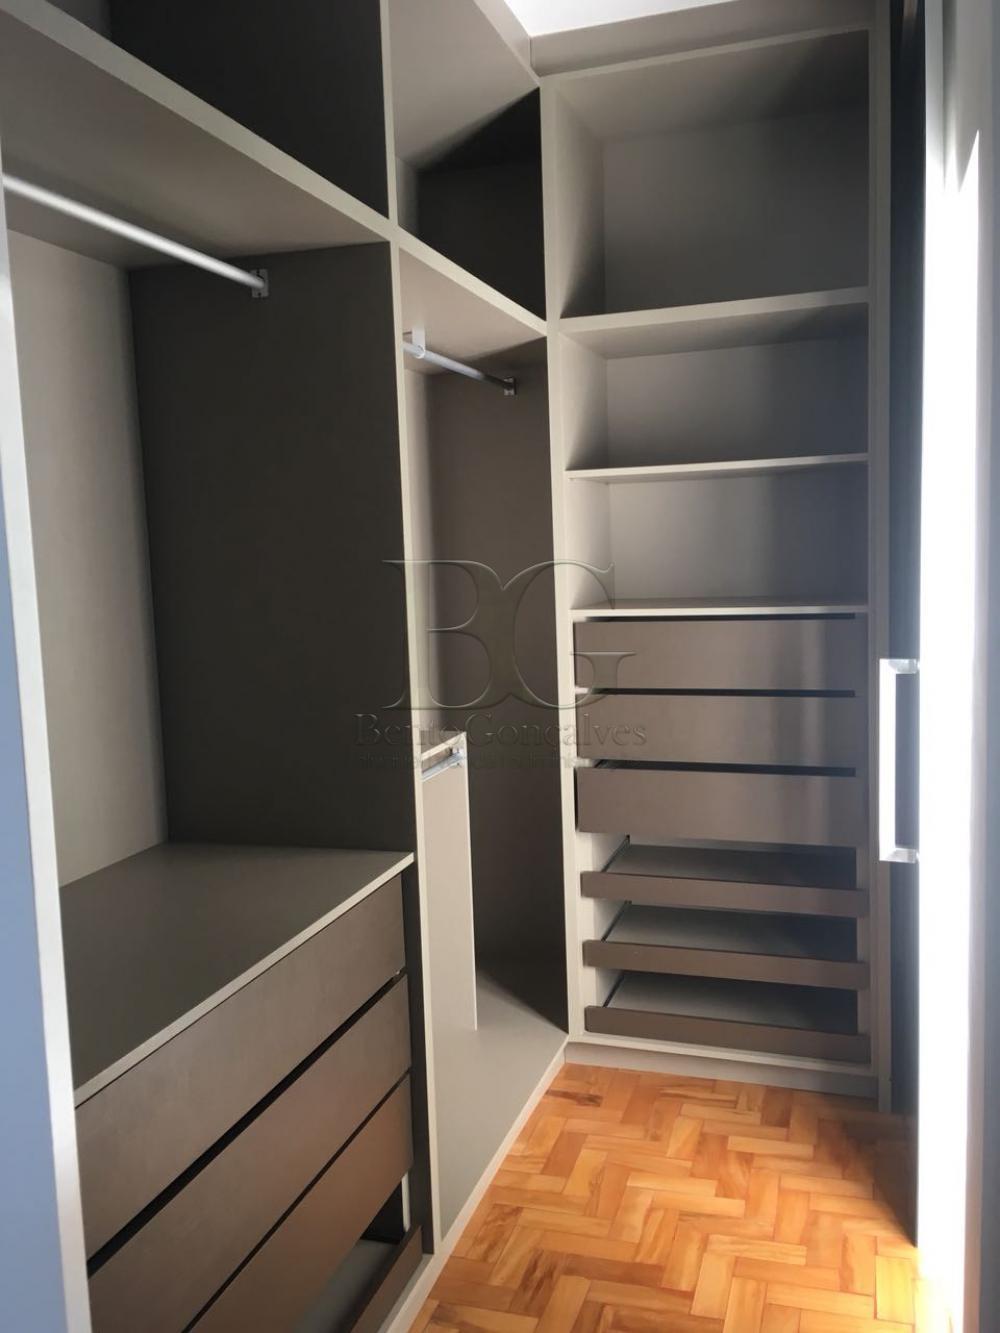 Alugar Apartamentos / Padrão em Poços de Caldas apenas R$ 2.300,00 - Foto 10